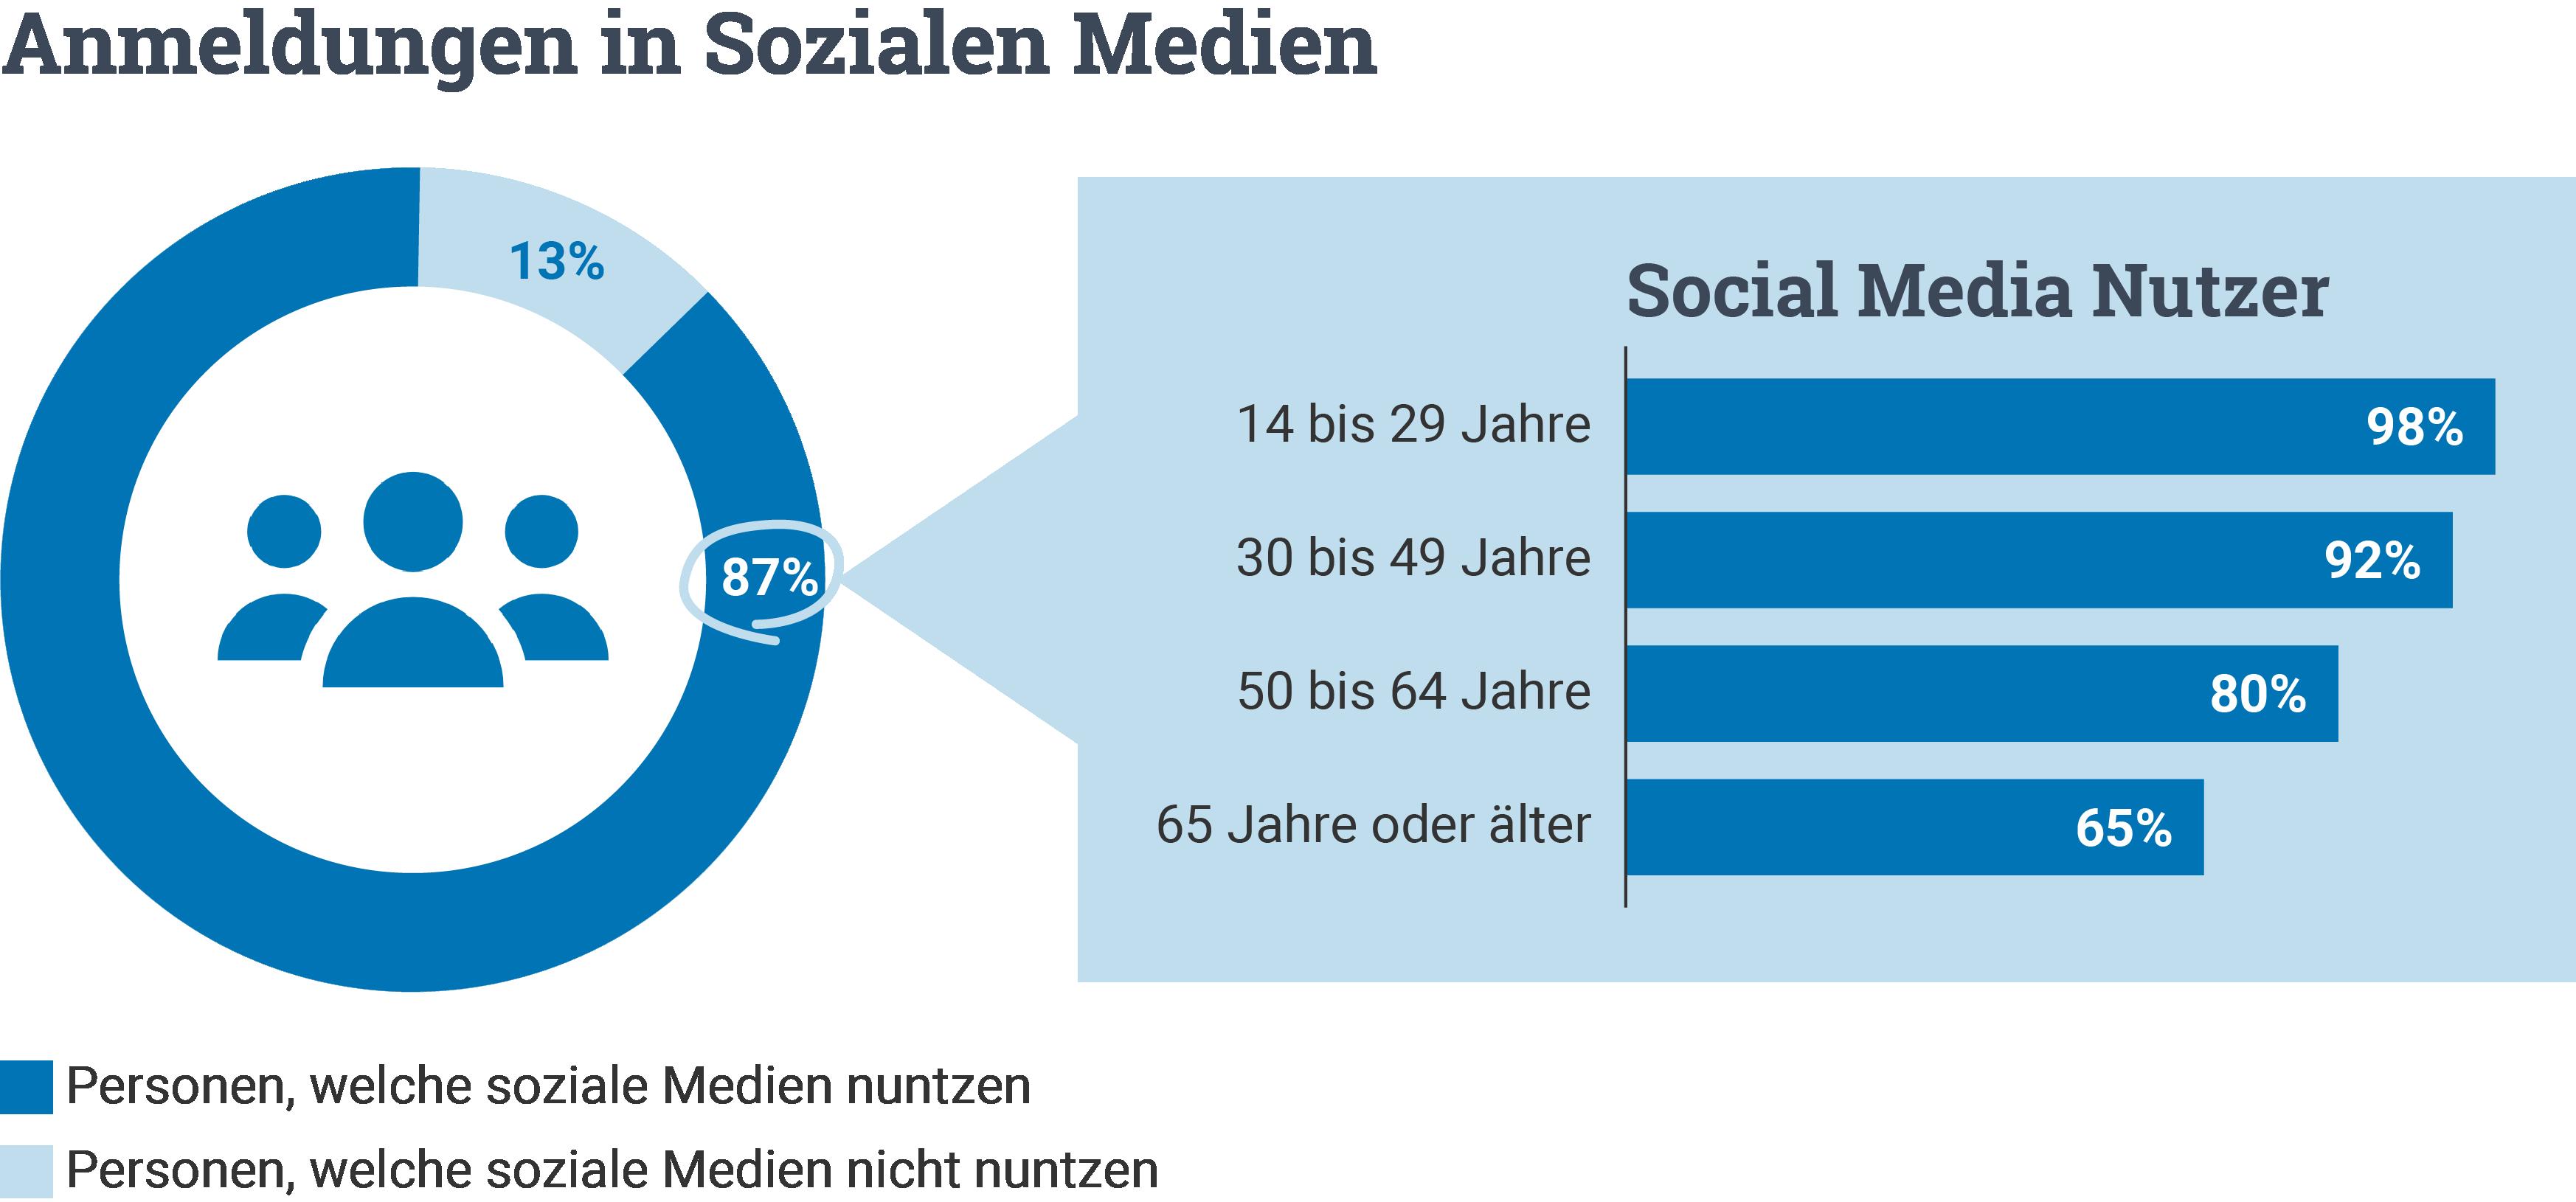 Anmeldungen in Sozialen Medien Statistik